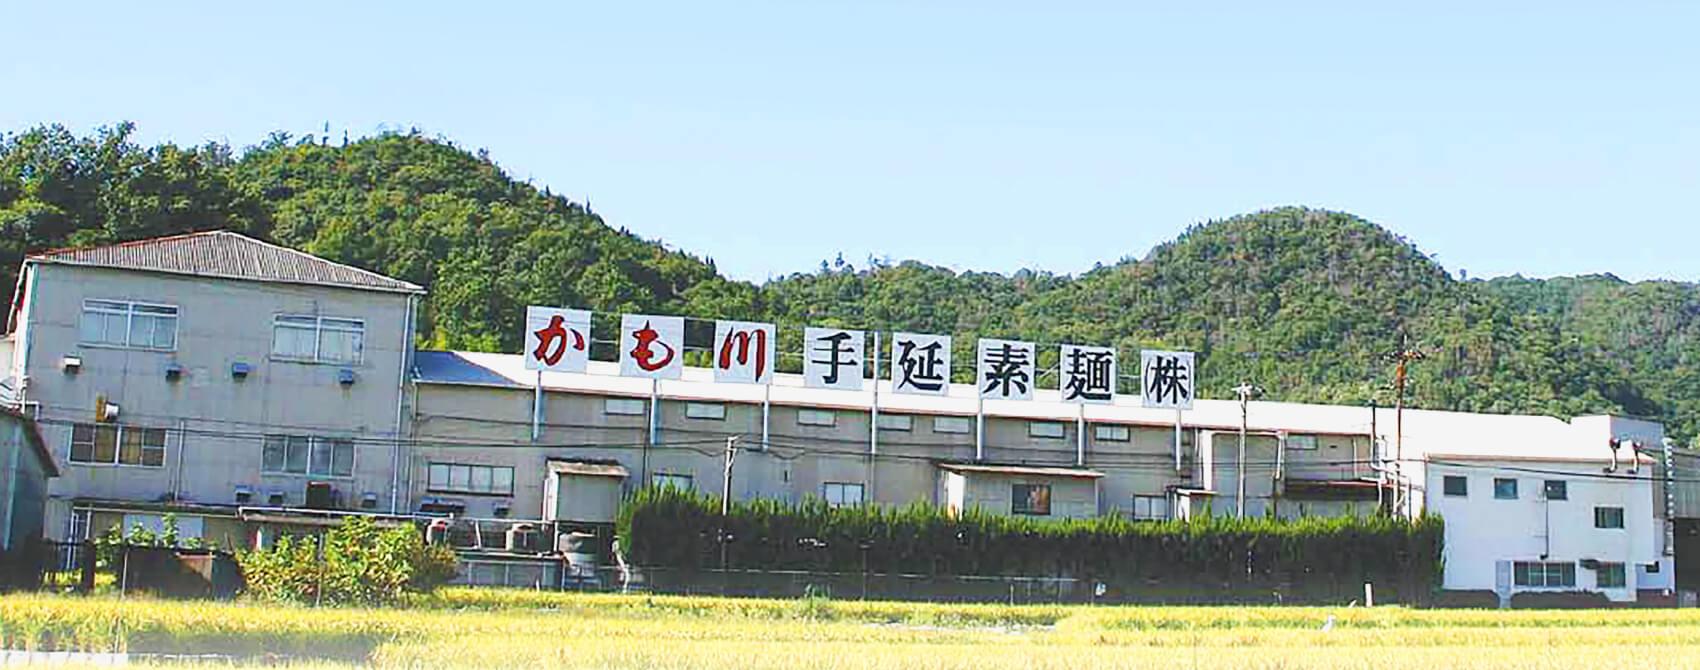 かも川手延素麺株式会社